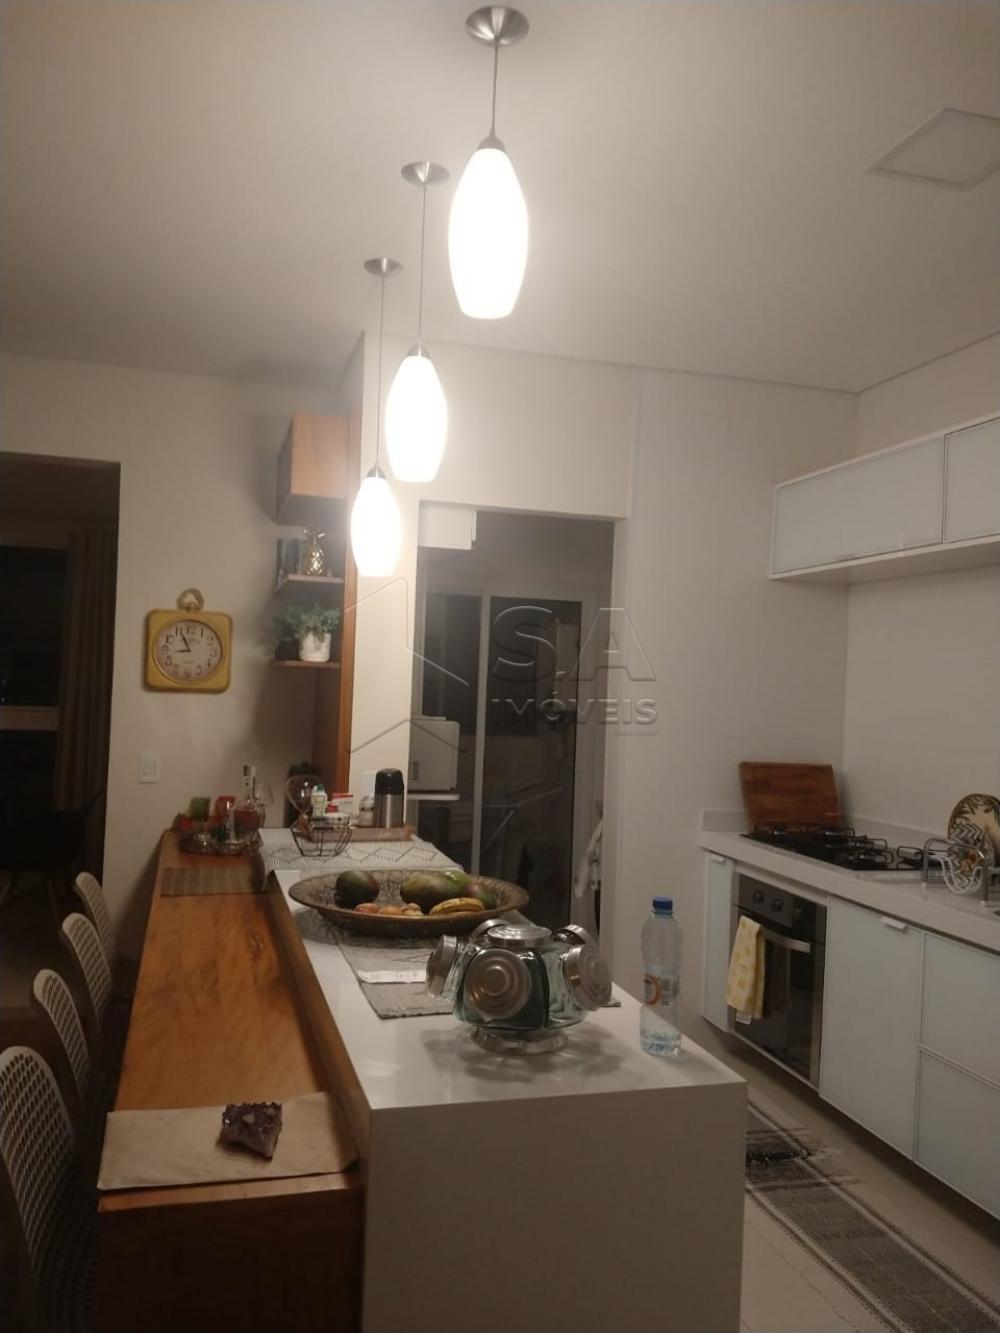 Comprar Apartamento / Padrão em Botucatu apenas R$ 750.000,00 - Foto 12